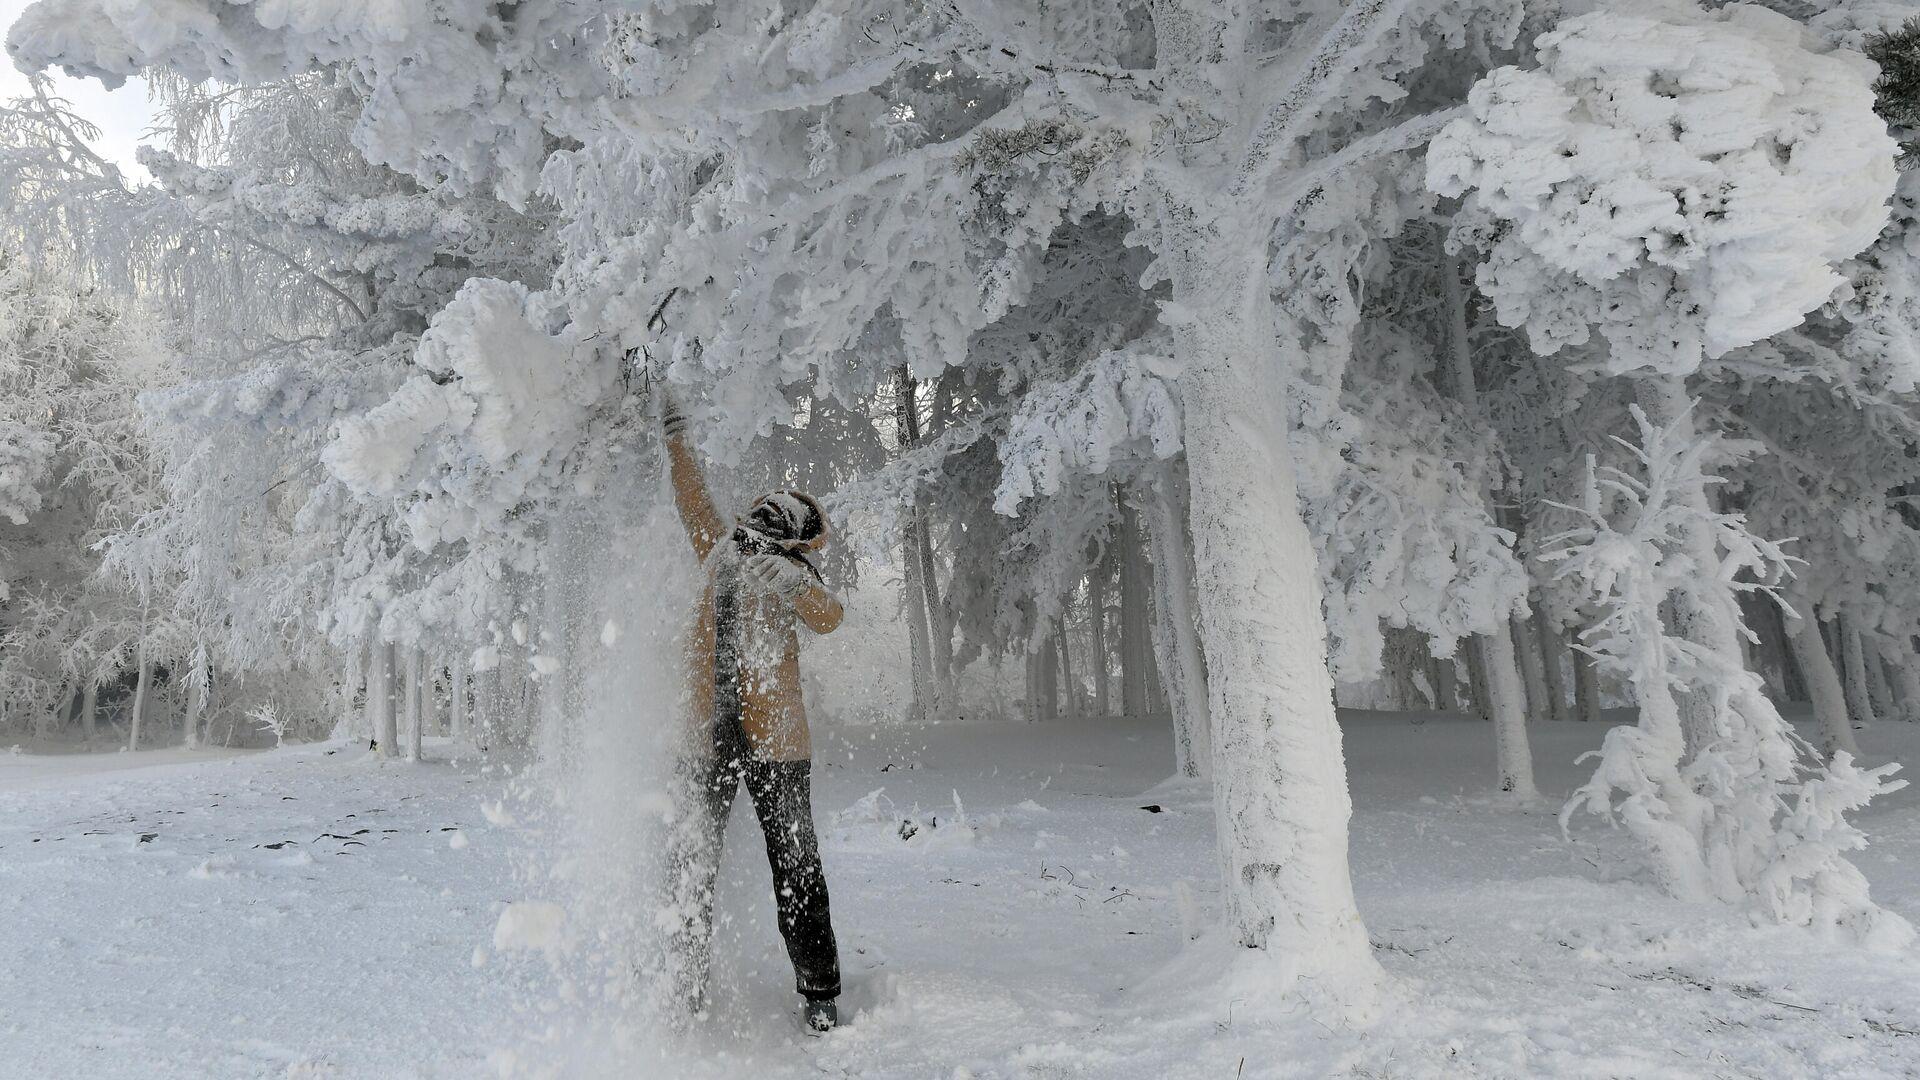 Женщина стряхивает снег с веток во время прогулки в 30-градусный мороз в лесу на берегу Енисея в Красноярском крае - РИА Новости, 1920, 08.01.2021